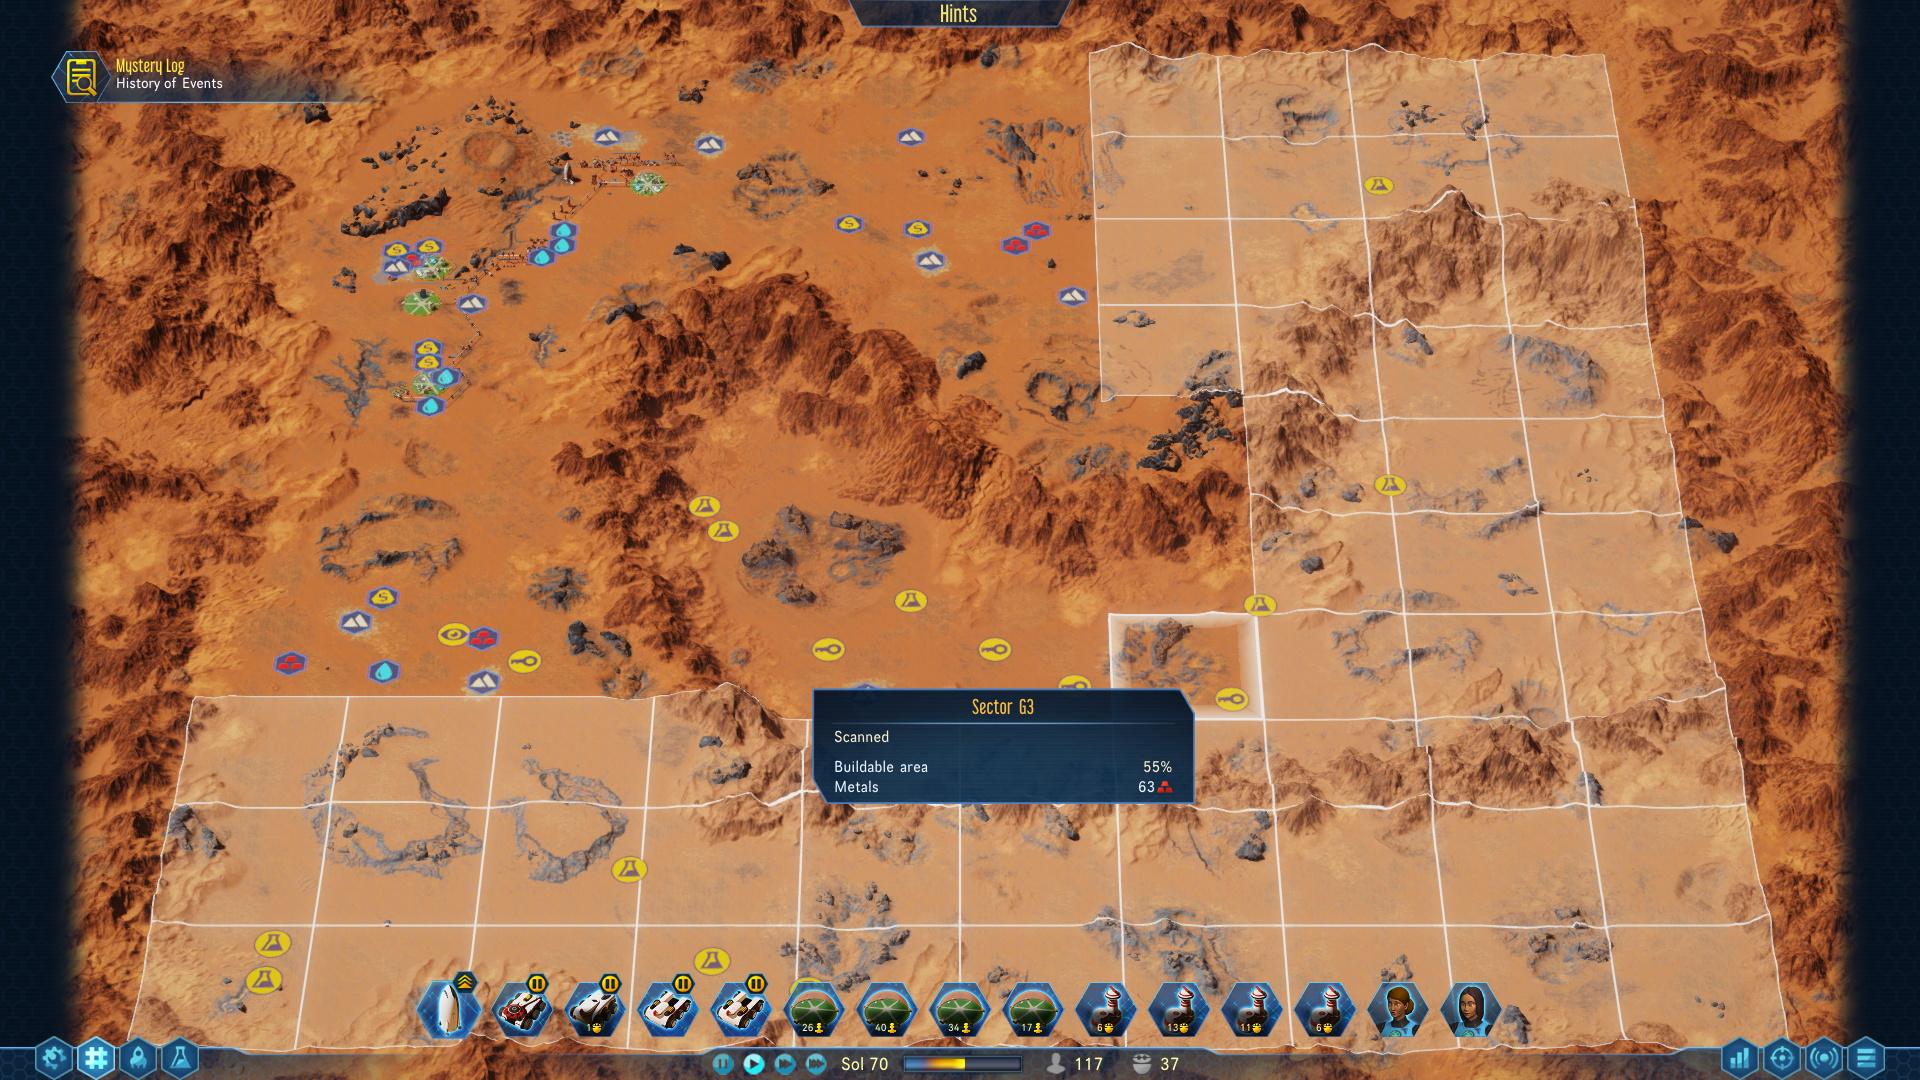 Sur la carte stratégique, on scanne différents secteurs afin de trouver les gisements de ressources. C'est en analysant cet écran qu'on se dit « purée, mais comment je vais faire pour atteindre ce coin bourré de métal !? ». Spoiler : en construisant des tunnels.